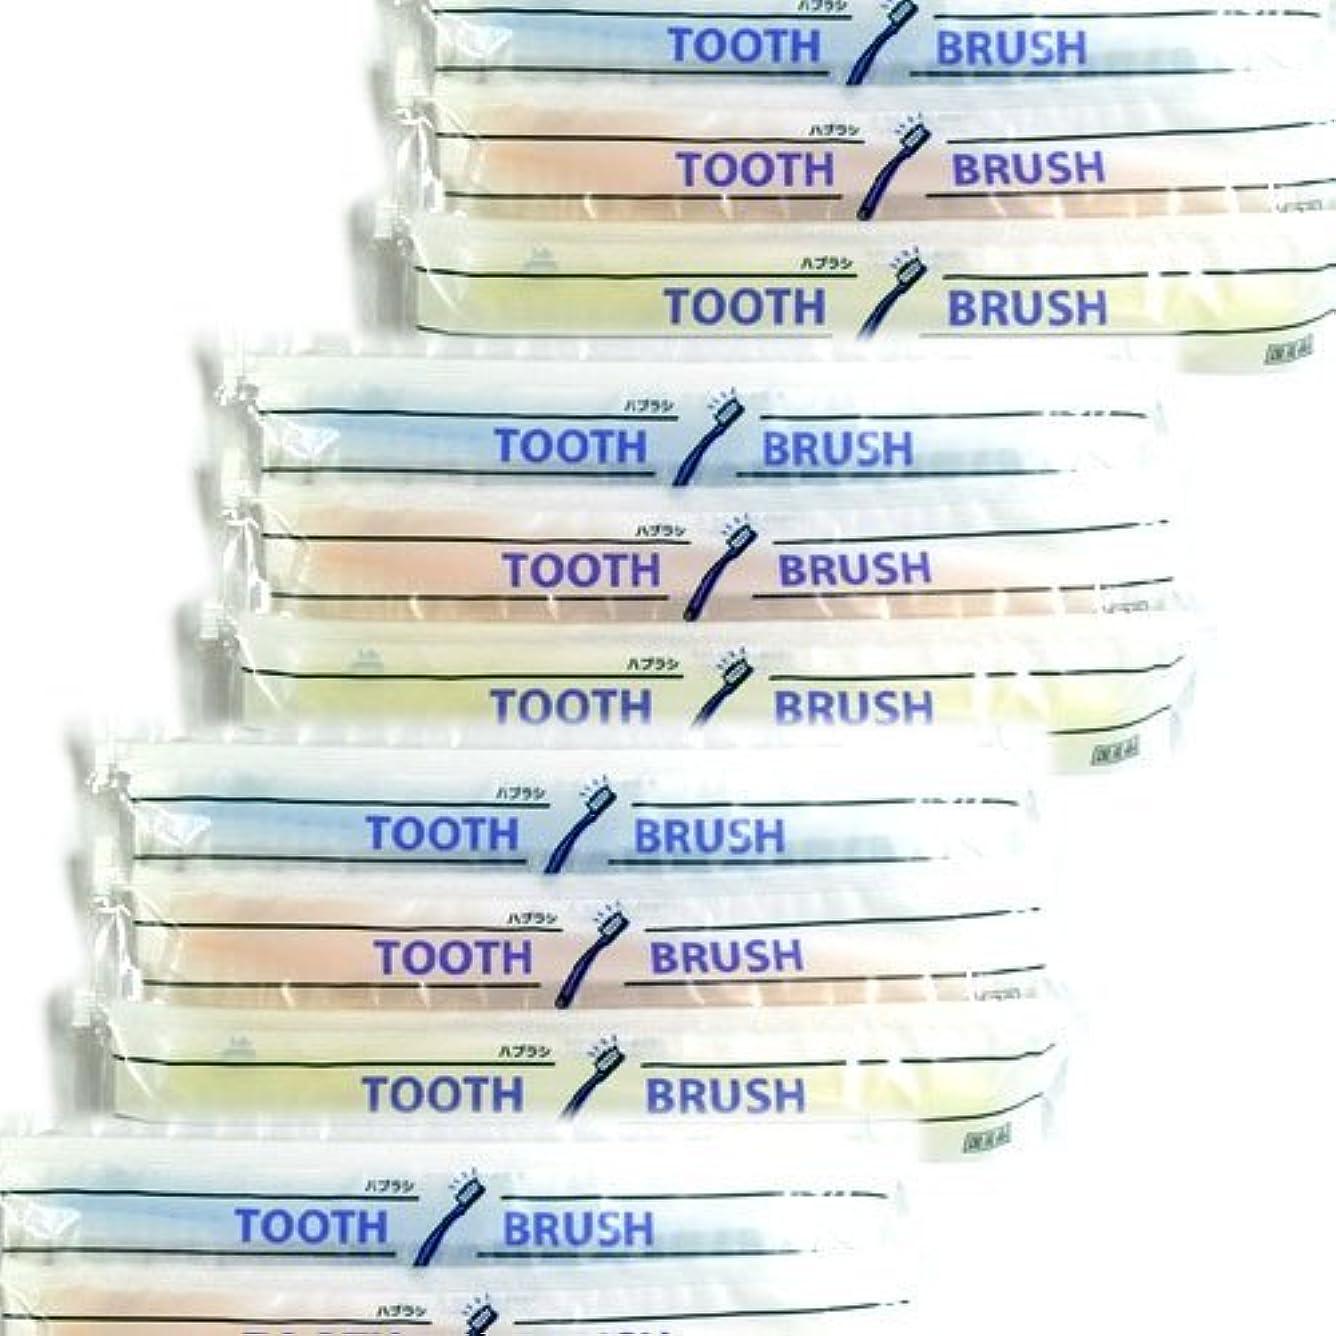 ソーダ水つづりあらゆる種類のホテルアメニティ 業務用 使い捨て(インスタント) 粉付き歯ブラシ × 30個セット